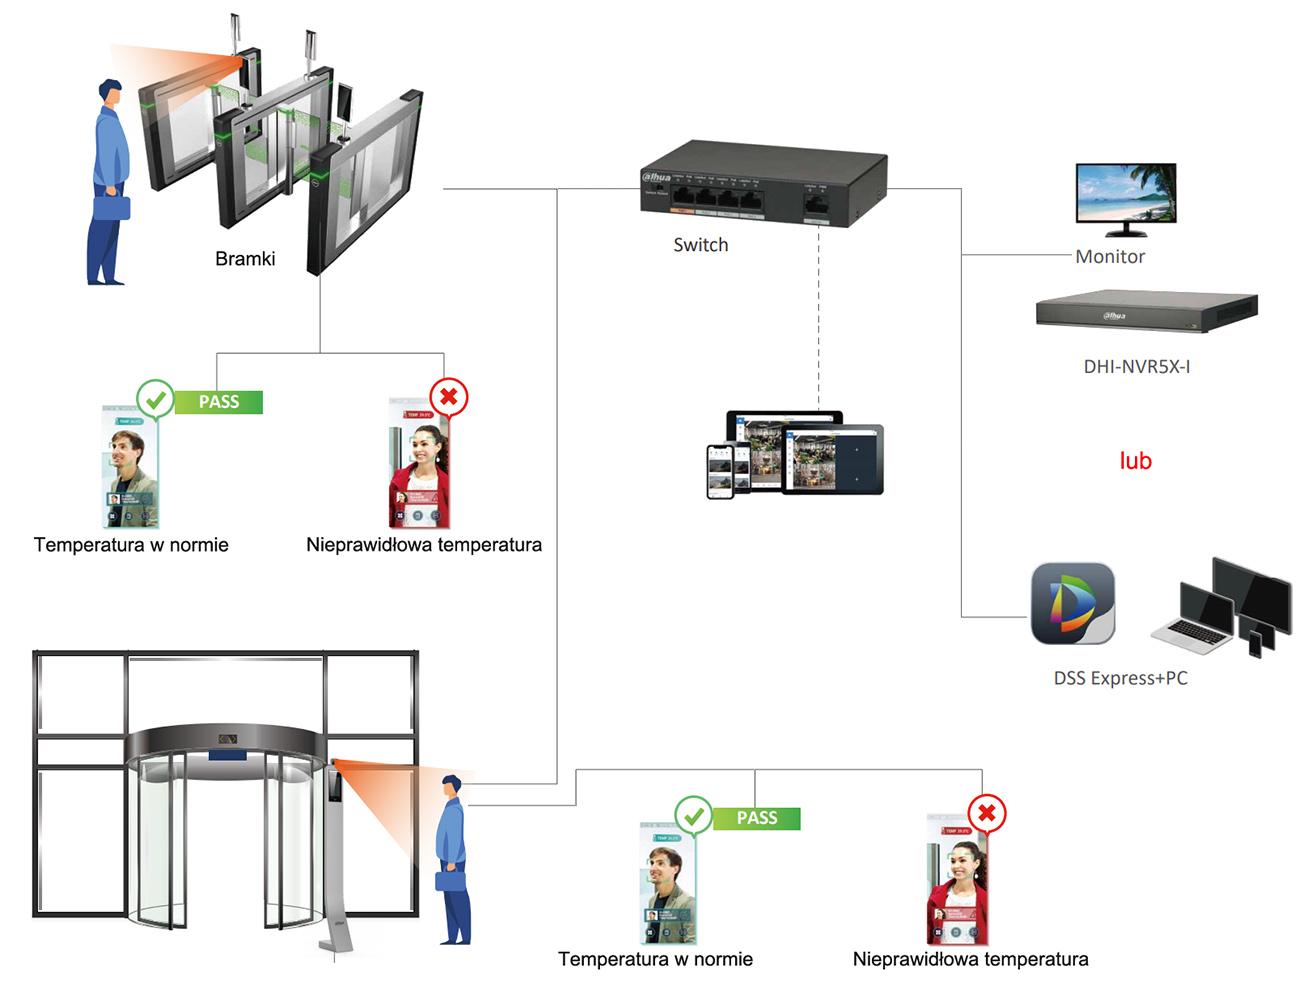 Przykładowe zastosowanie terminala kontroli dostępu i samodzielnej kontroli temperatury